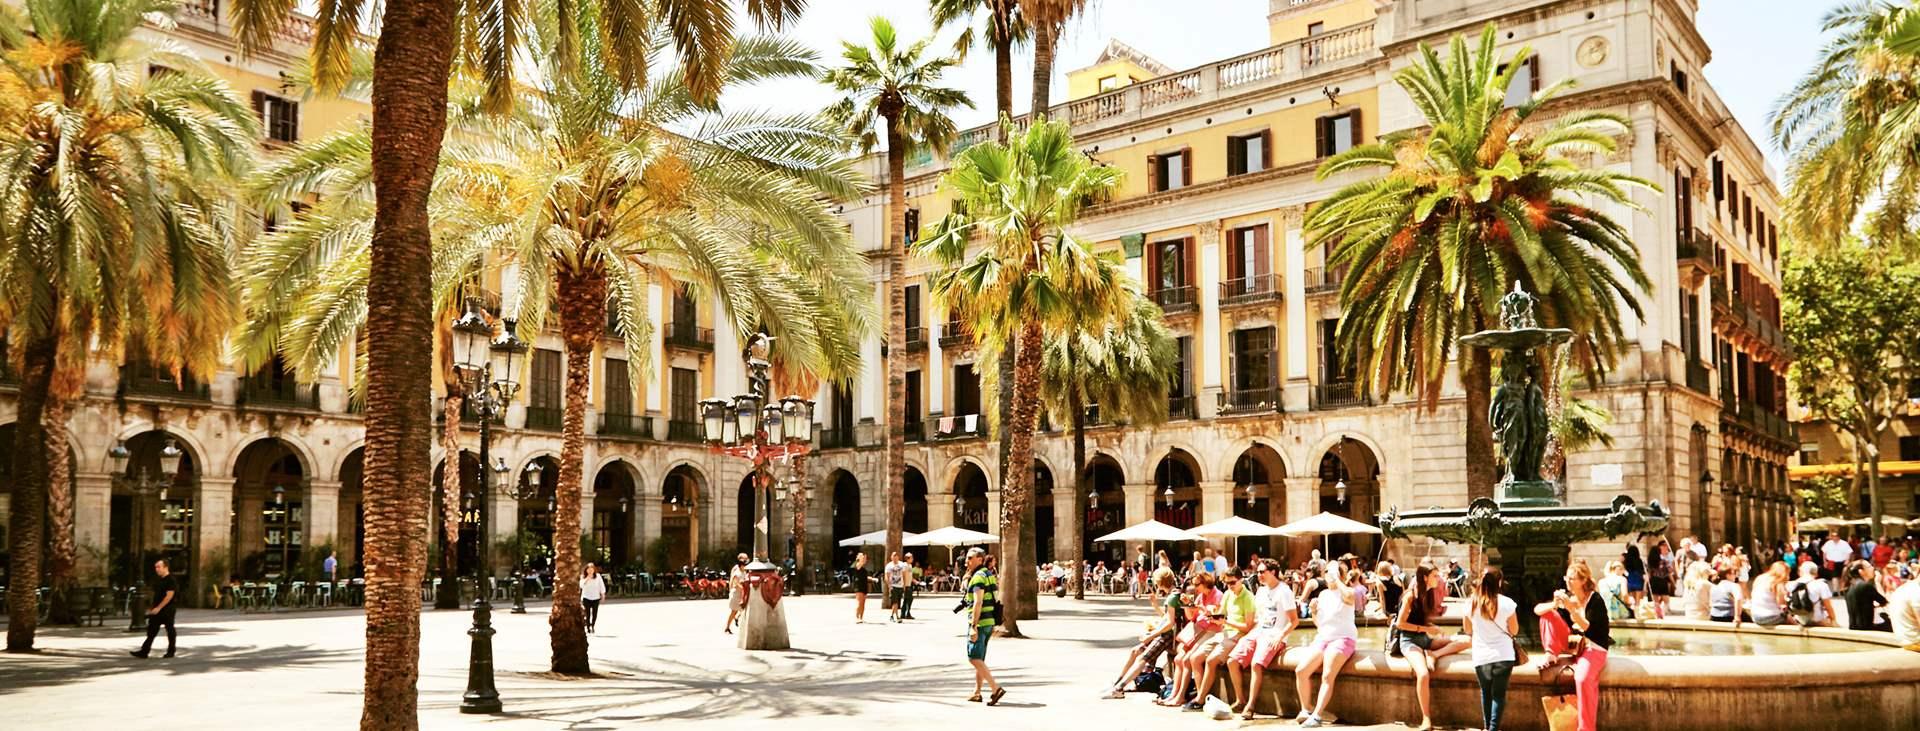 Bestill en reise til Barcelona i Spania med Ving